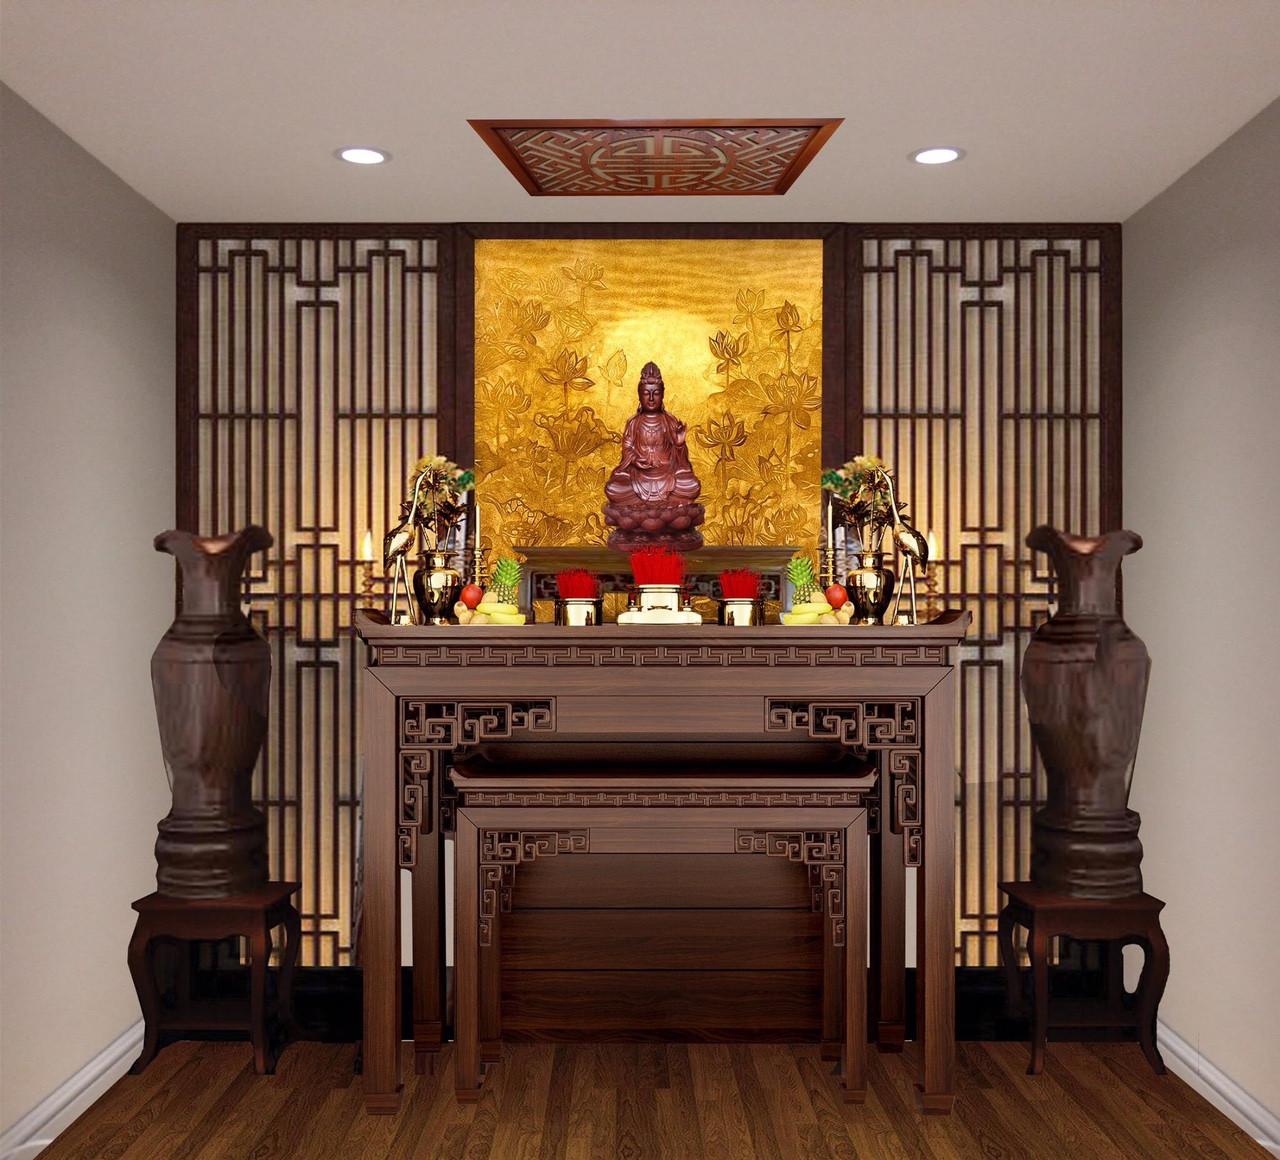 Theo quan niệm phong thủy, việc thờ cúng gia tiên nên được tiến hành vào buổi chiều, buổi trưa giờ Ngọ là âm, buổi sáng là thờ thần